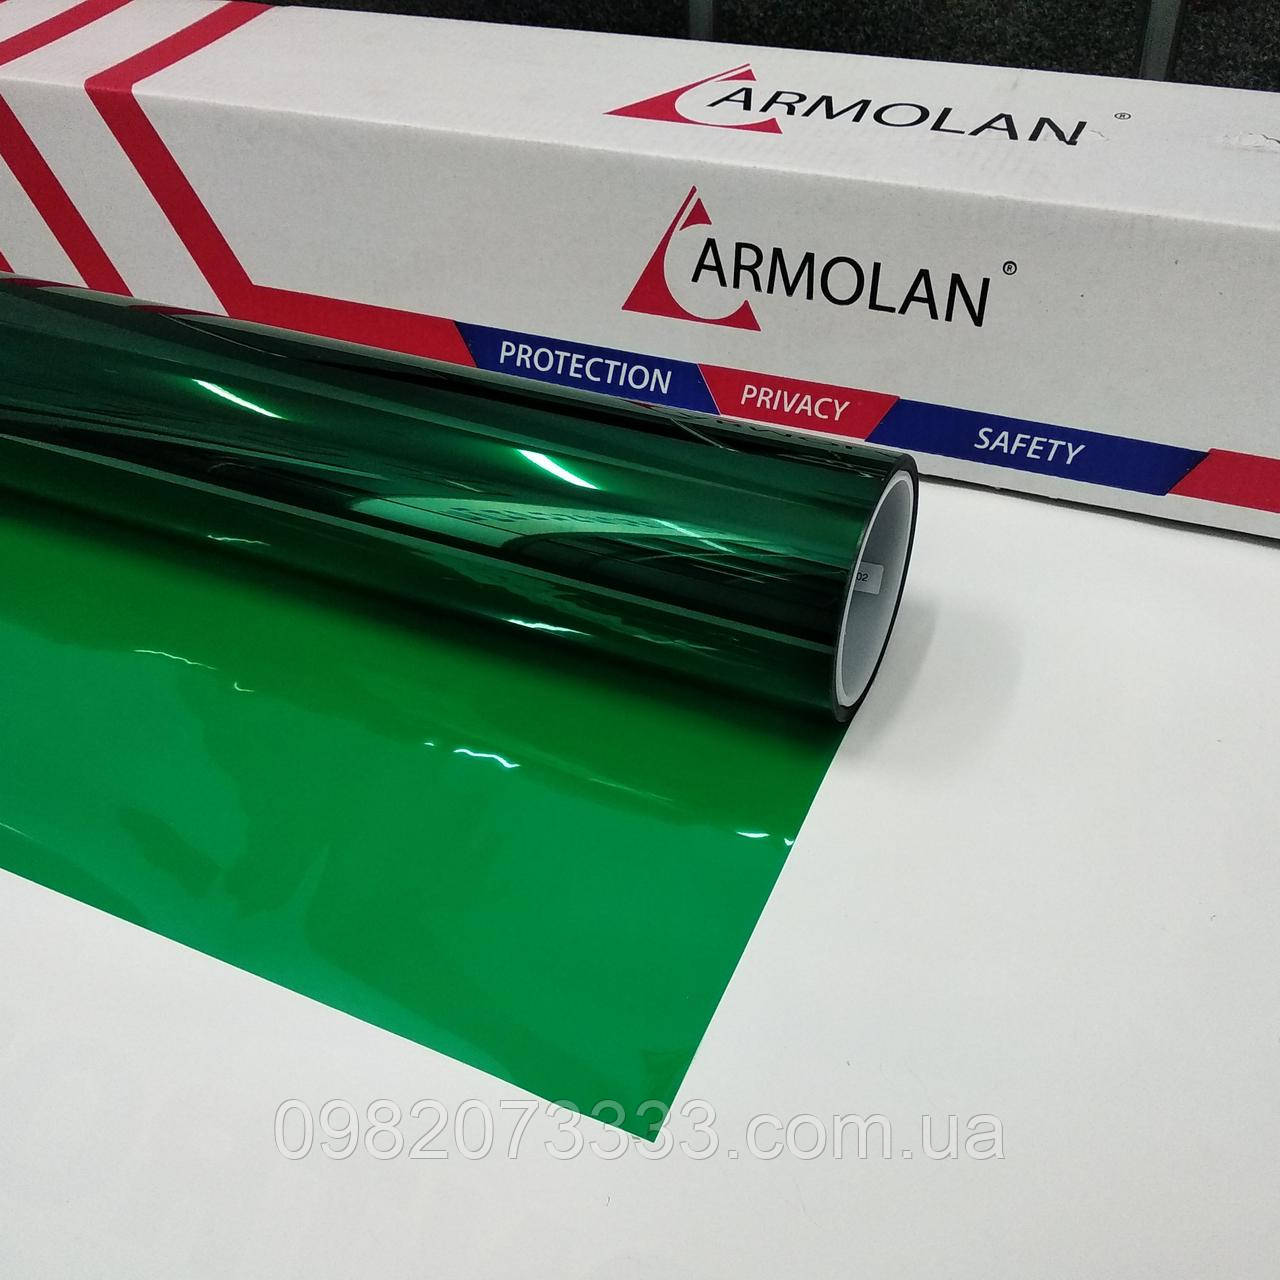 Тонировочная плёнка AR Green 20 Armolan витражная для перегородок. Ширина рулона 1,524 (цена за кв.м.)